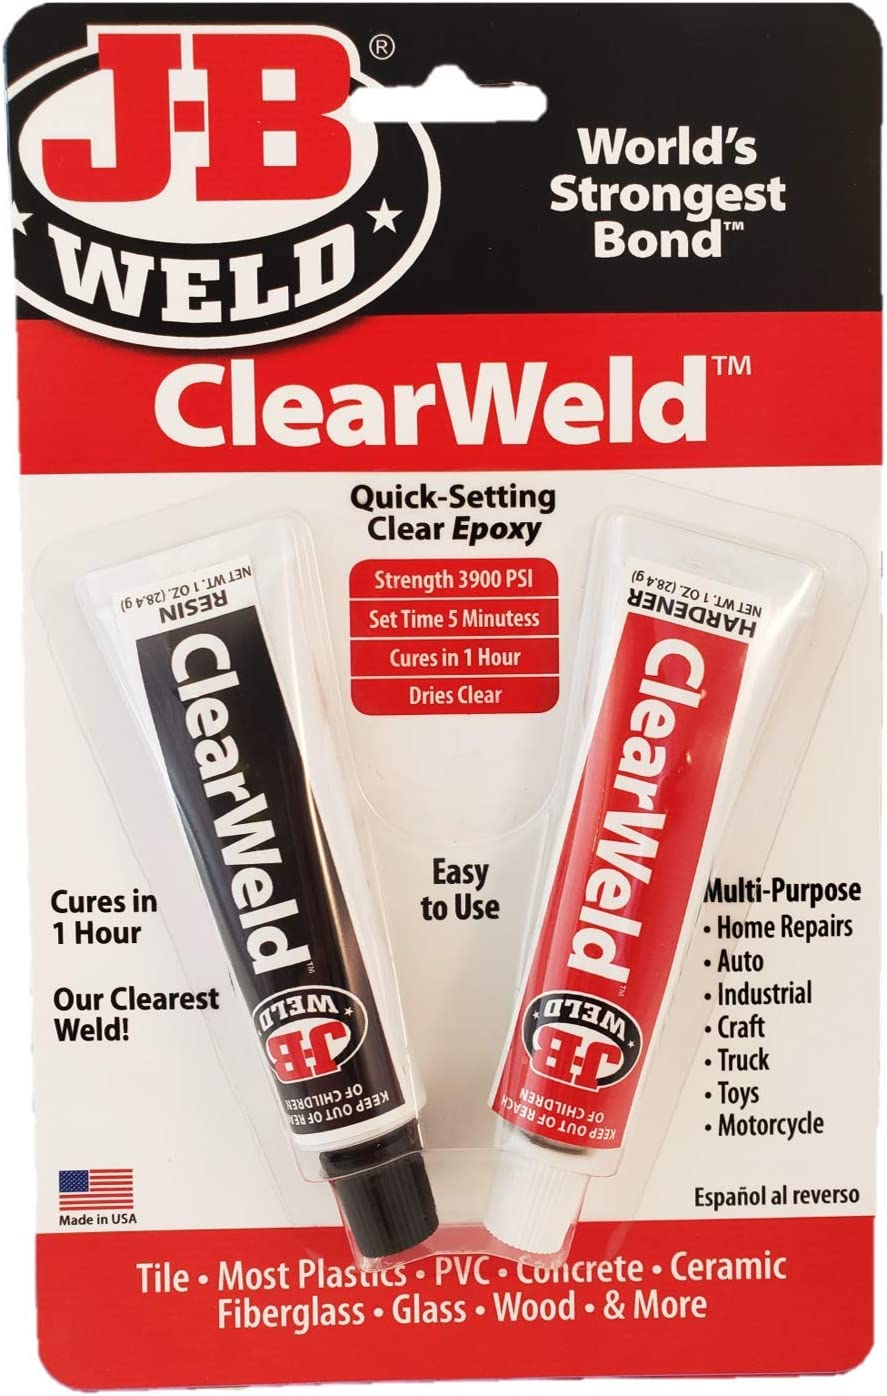 JB Weld ClearWeld